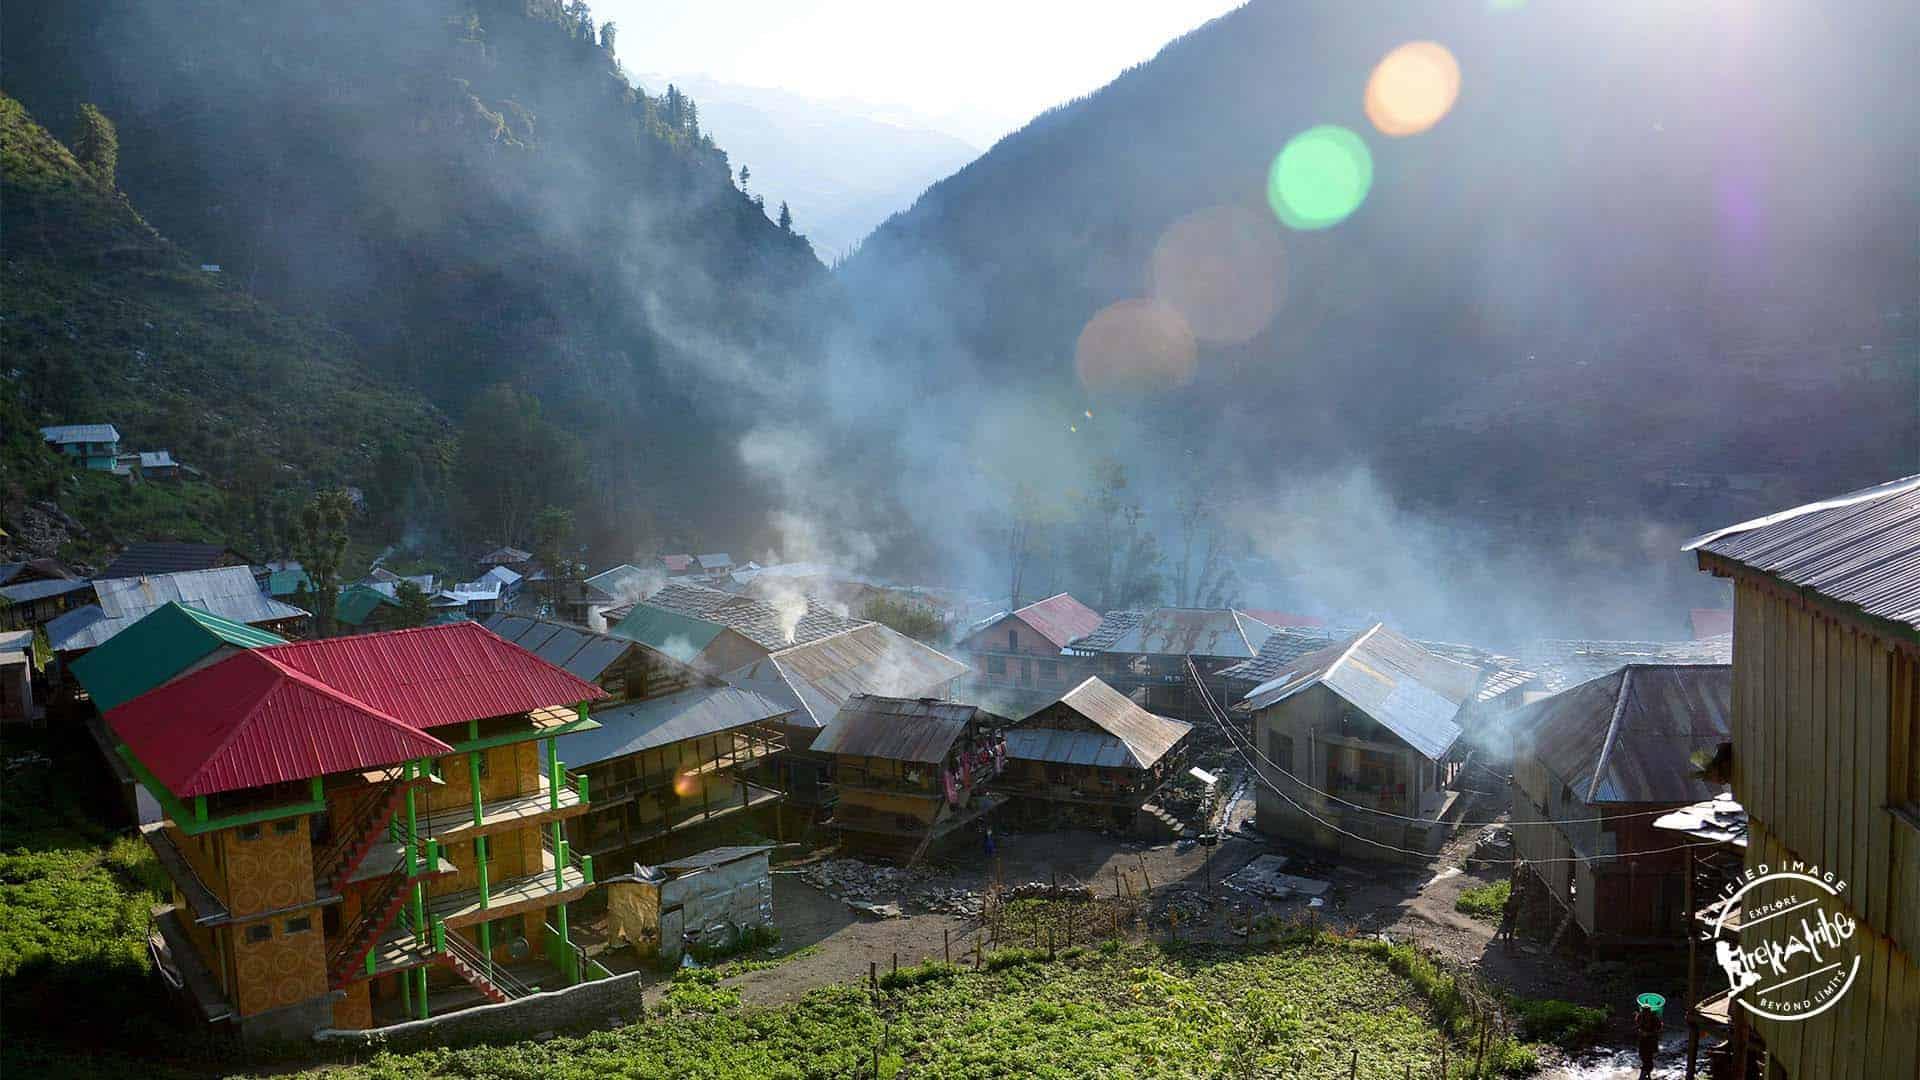 Malana Village - Parvati Valeey